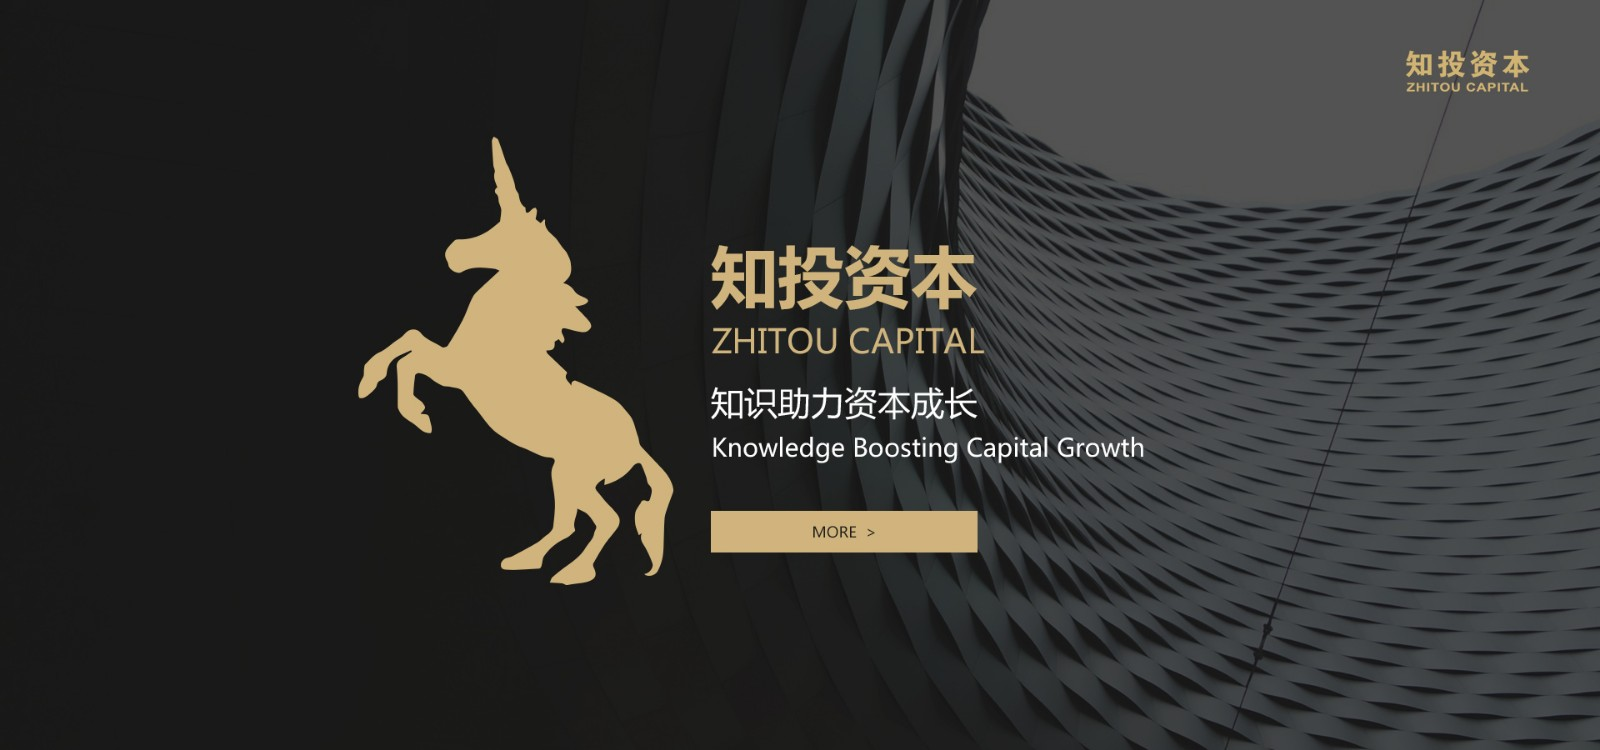 股权众筹网_无忧百贸网